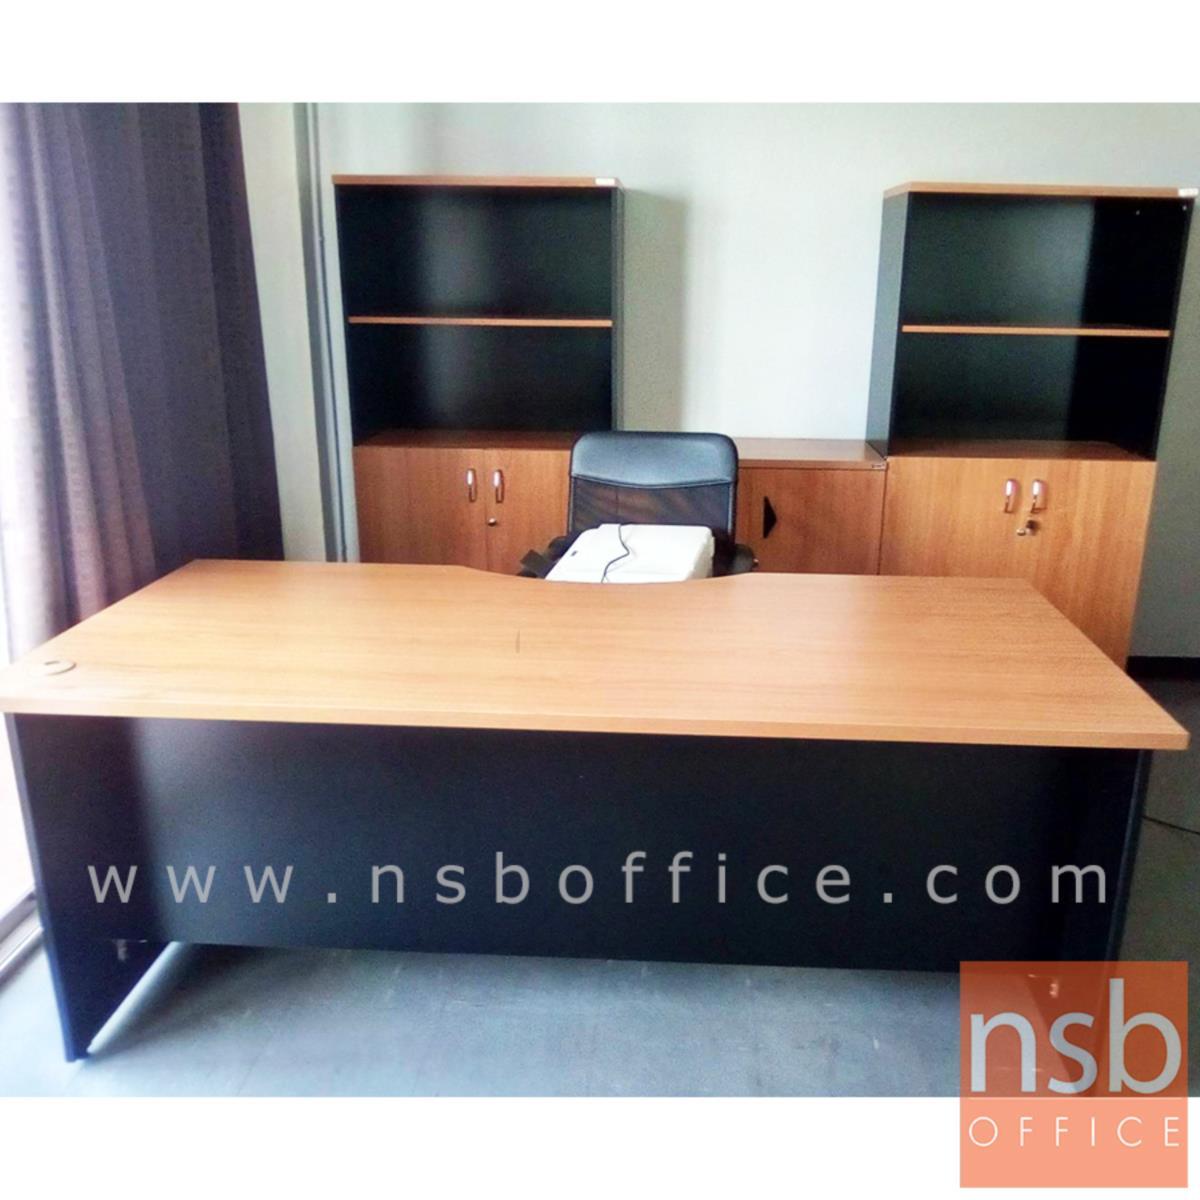 โต๊ะผู้บริหารหน้าโค้ง  รุ่น Blagden (แบลกเดน) ขนาด 180W cm. สีเชอร์รี่ดำ